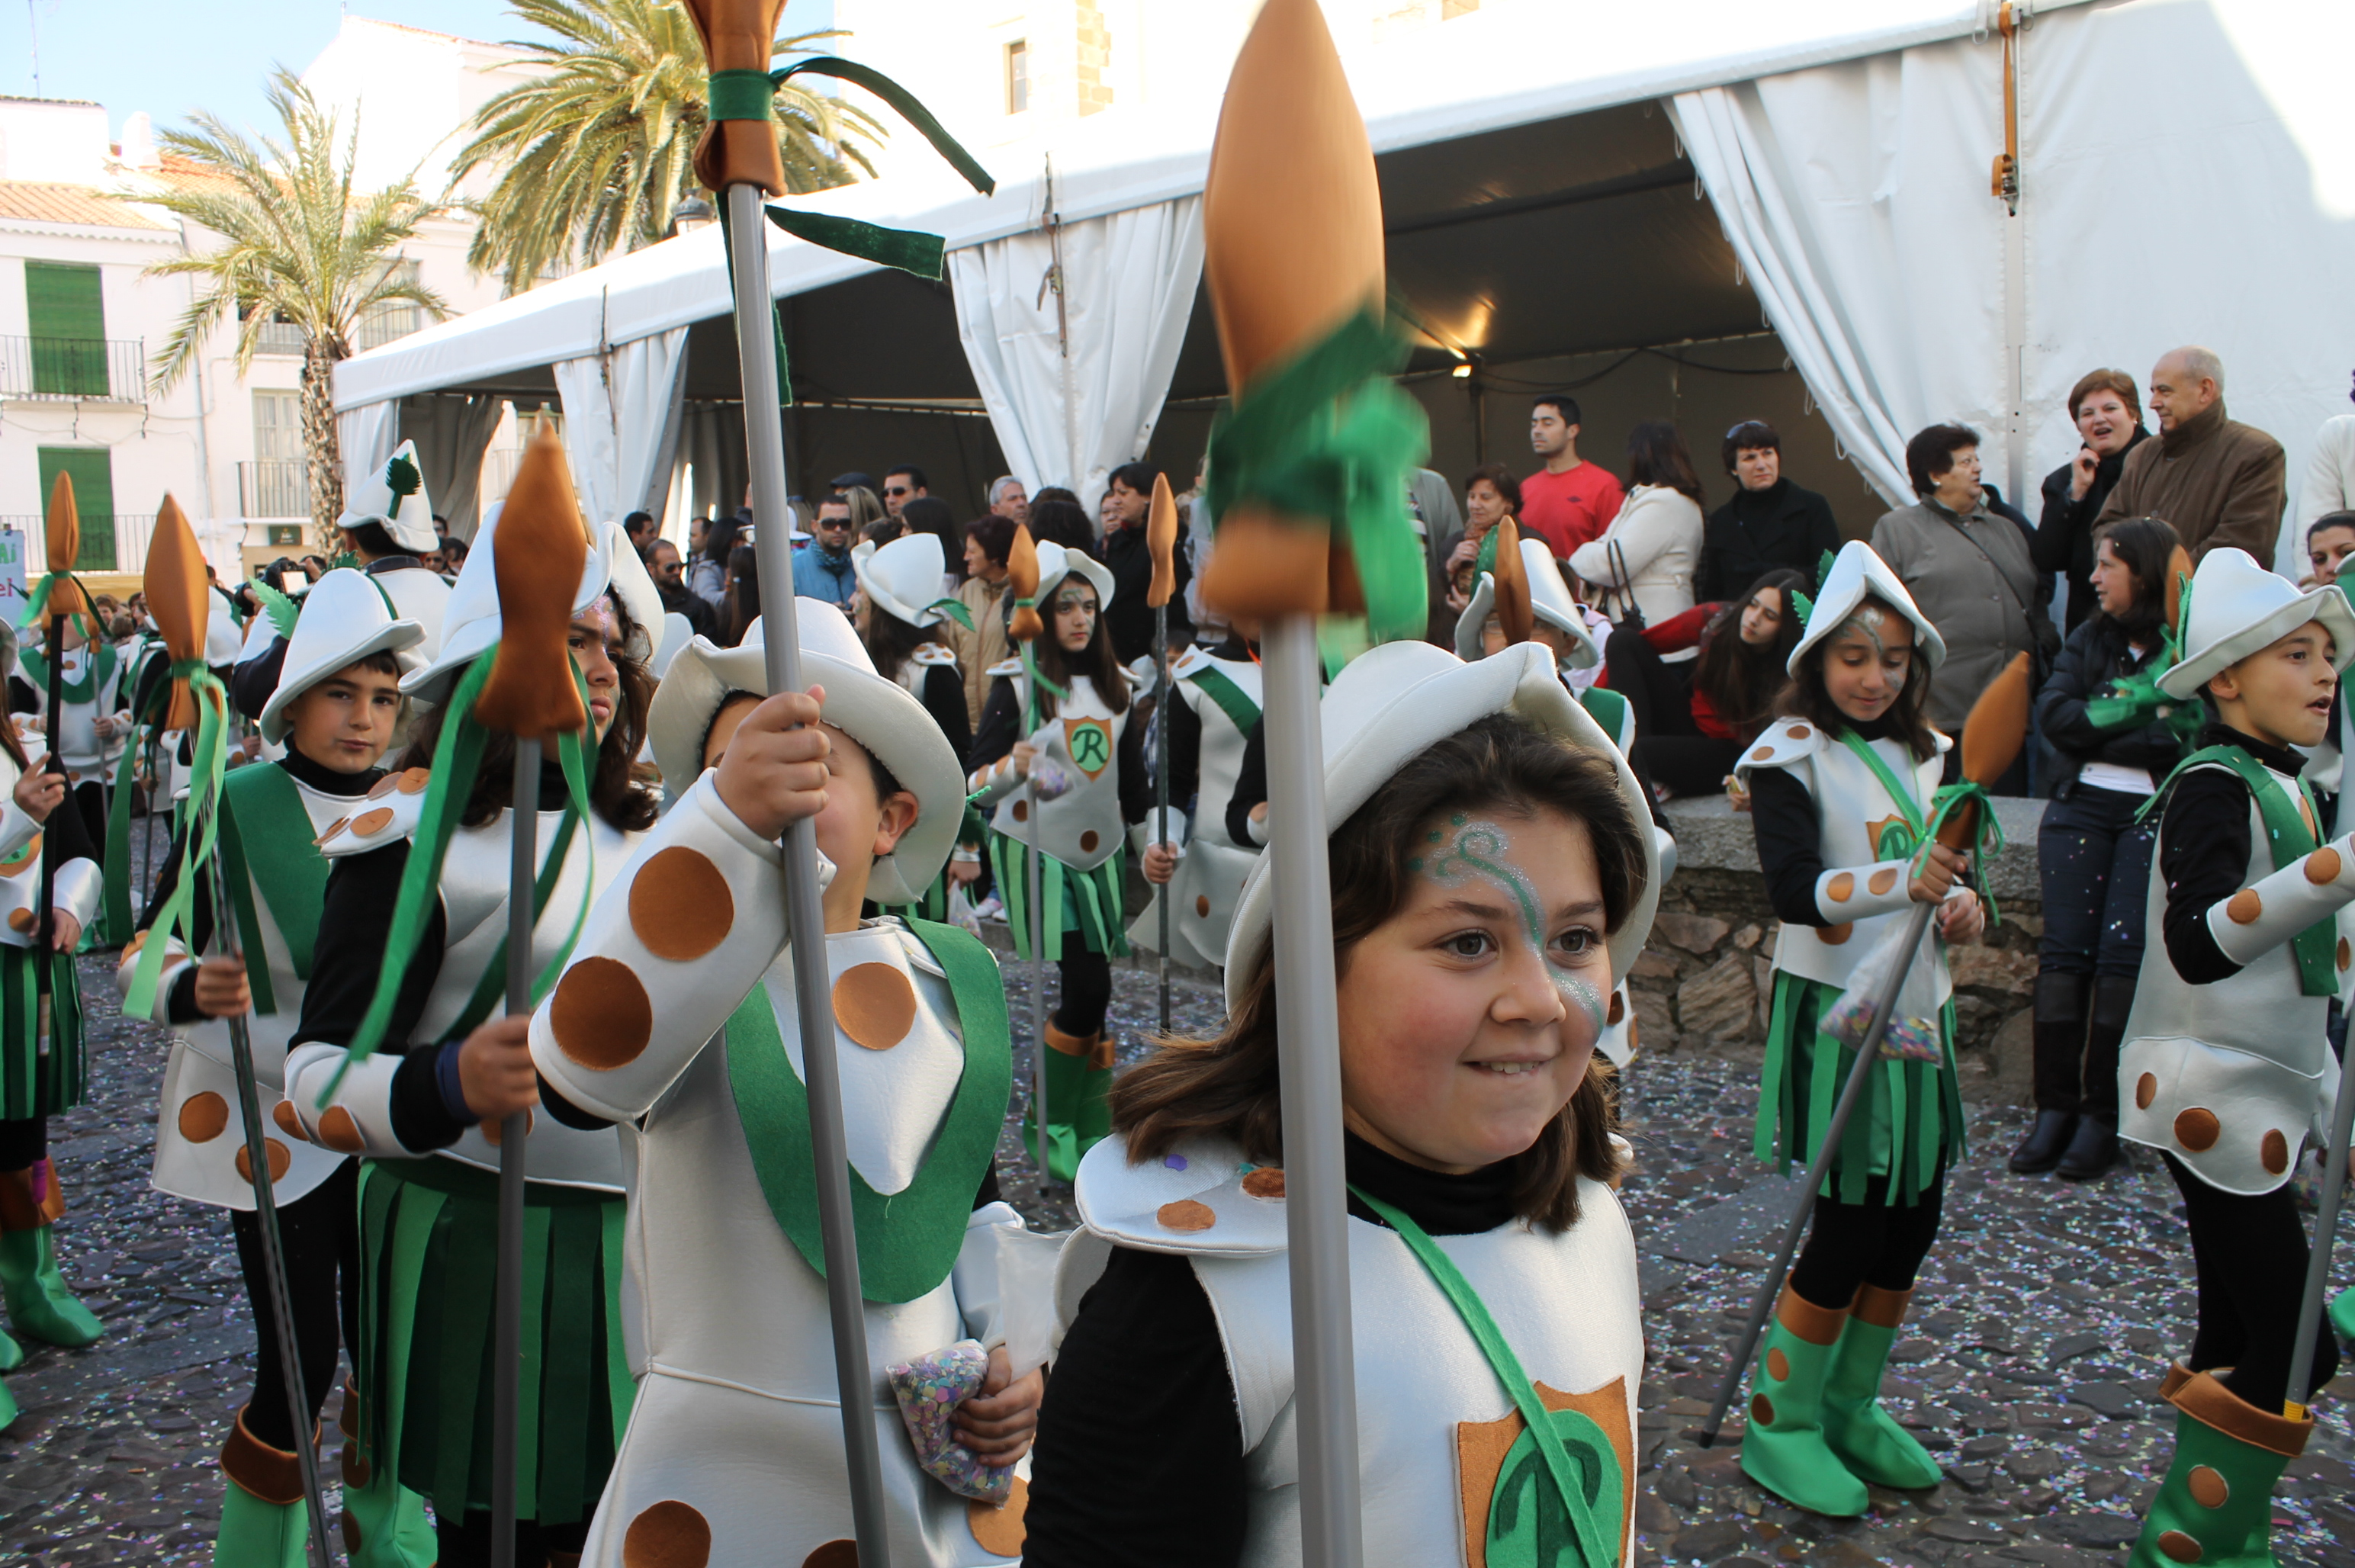 desfile de carnaval de los centros educativos, Jerez de los Caballeros